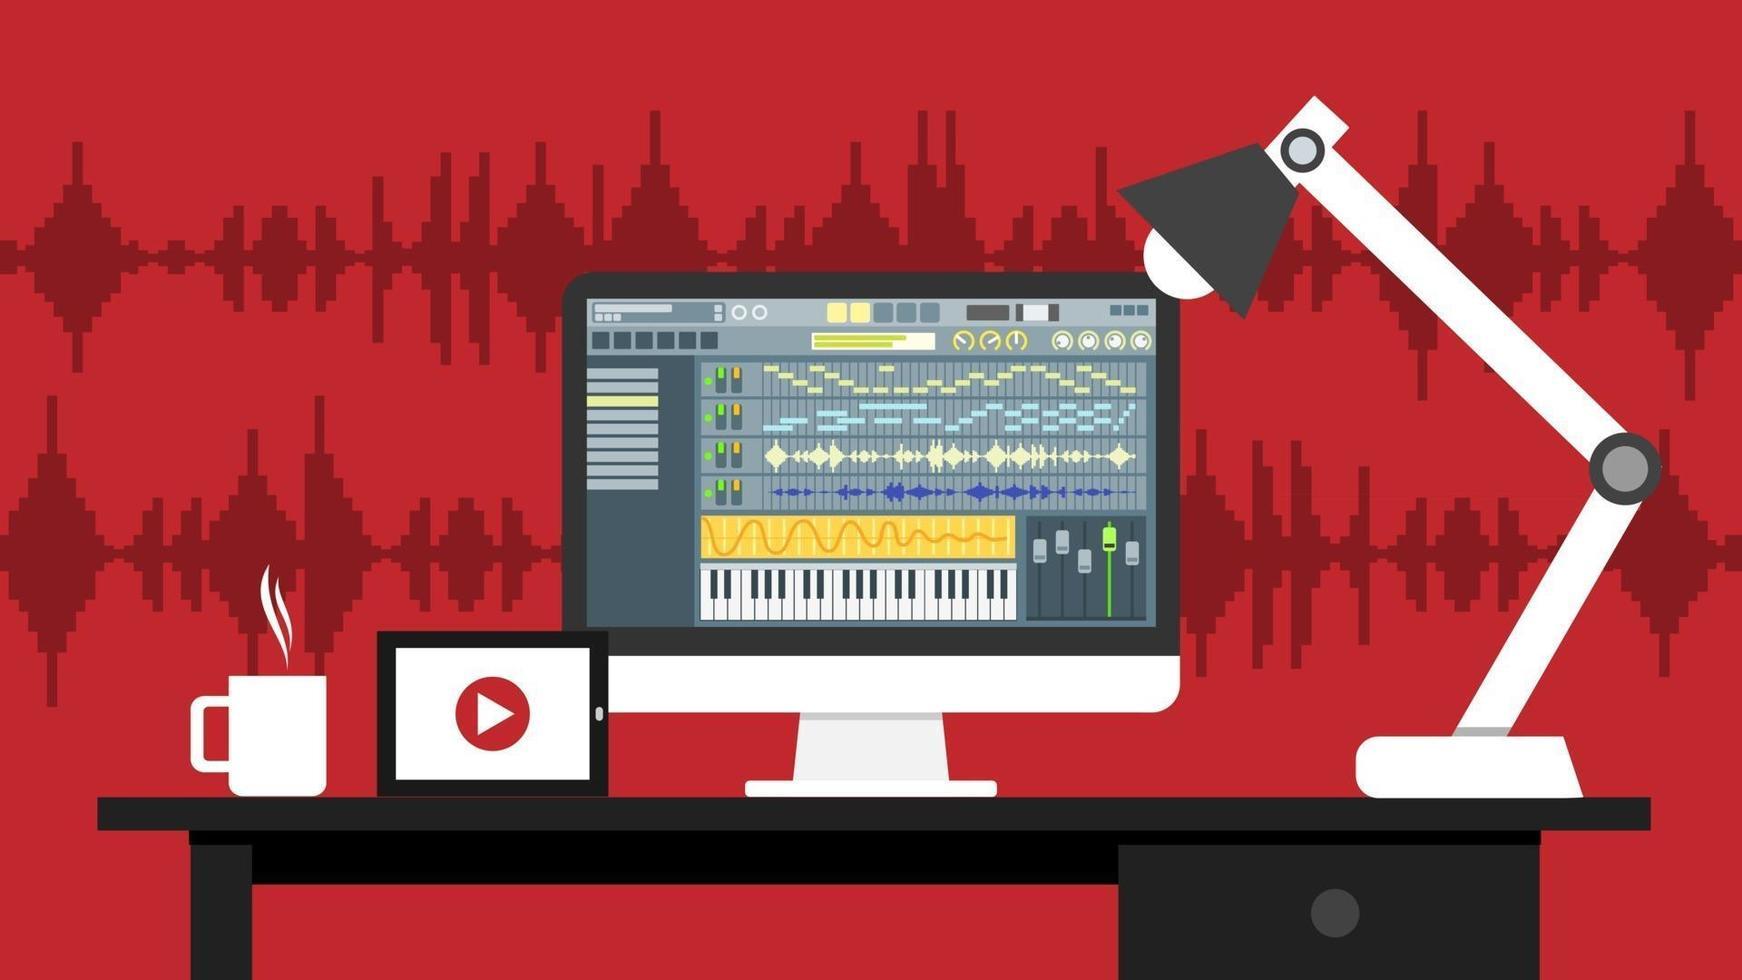 lugar de trabajo de la aplicación de software de interfaz de editor de sonido y video en el monitor de la computadora. Proceso de grabación y edición con display digital de ondas y botones en pantalla. ilustración vectorial. vector